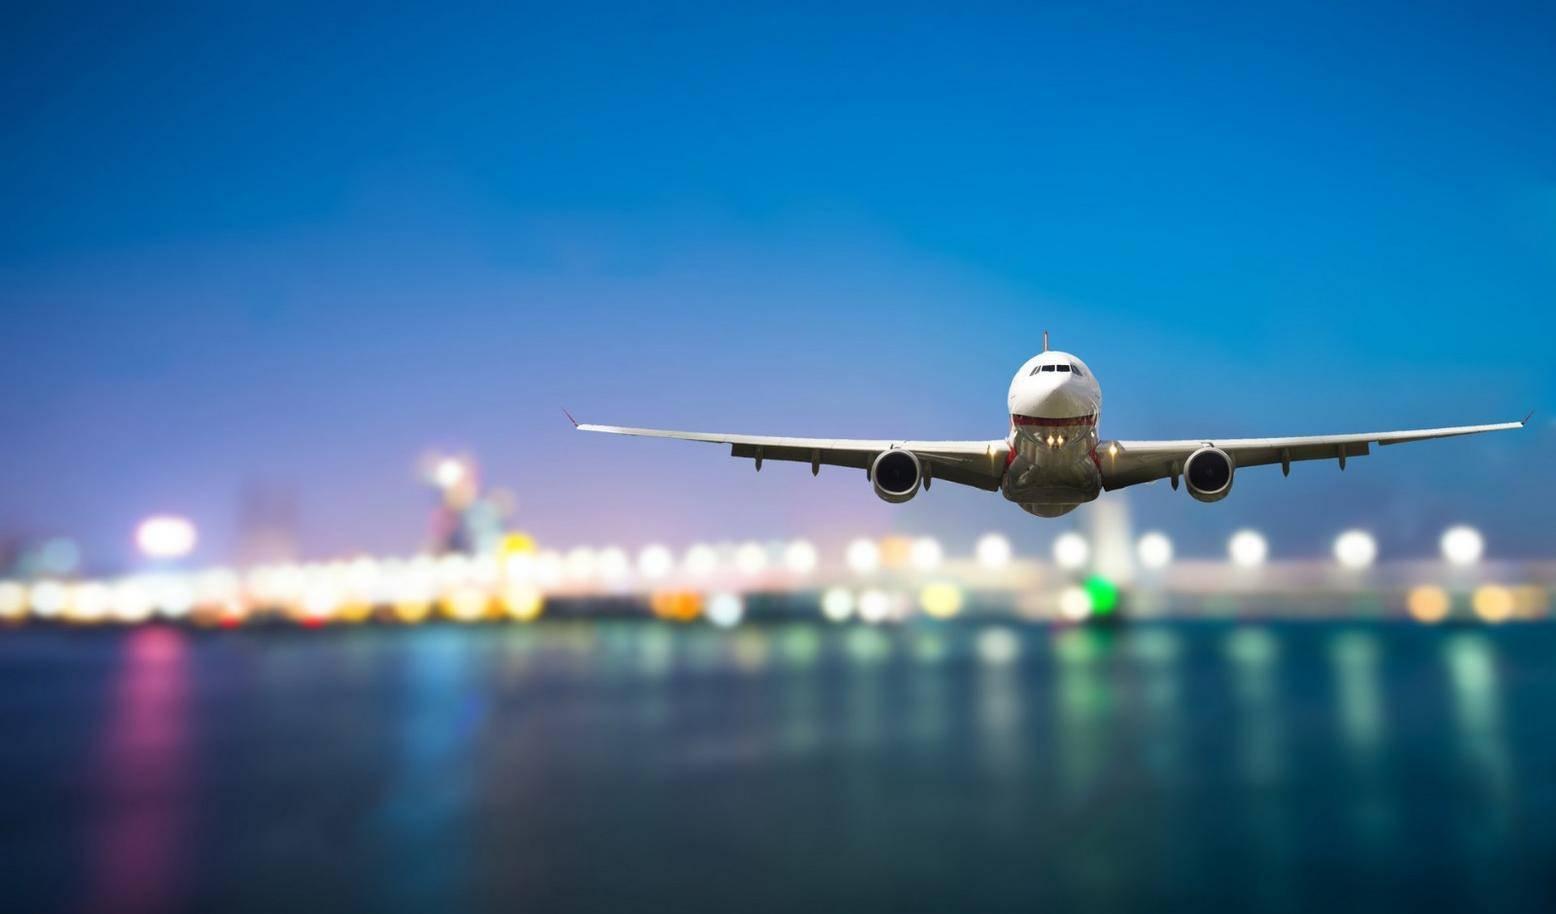 """""""红地球航空公司""""将更名为""""湖南航空公司"""":它正在向民航局申请福利"""